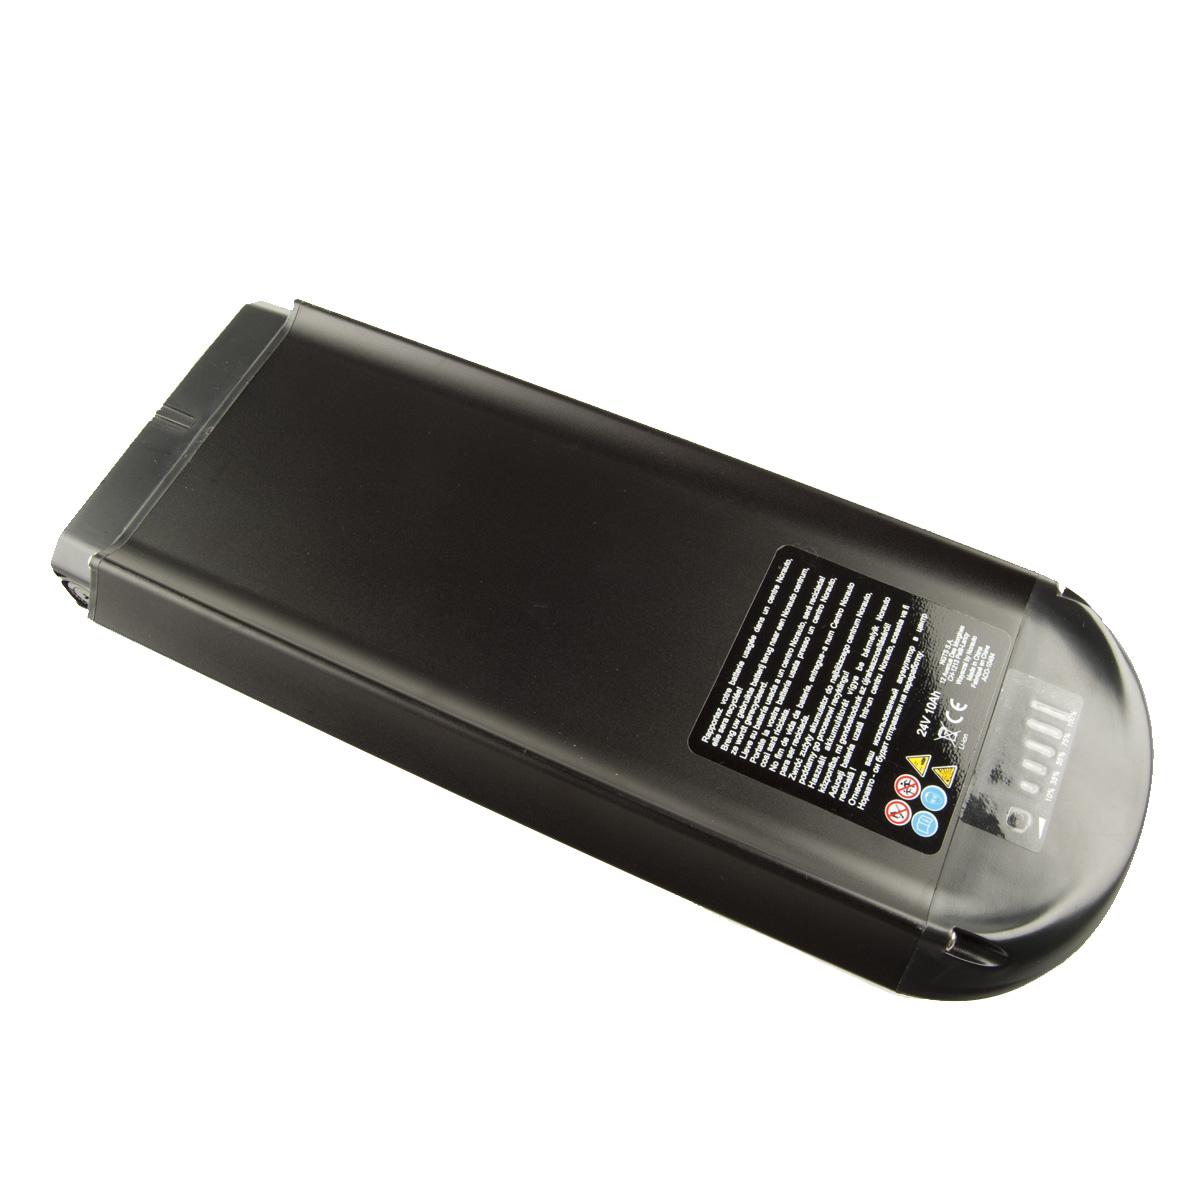 Remplazar bateria litio 24v 10ah Batterie-24-v-10-ah-pour-wayscral-w201-w401-watt-s-up-s2-s4